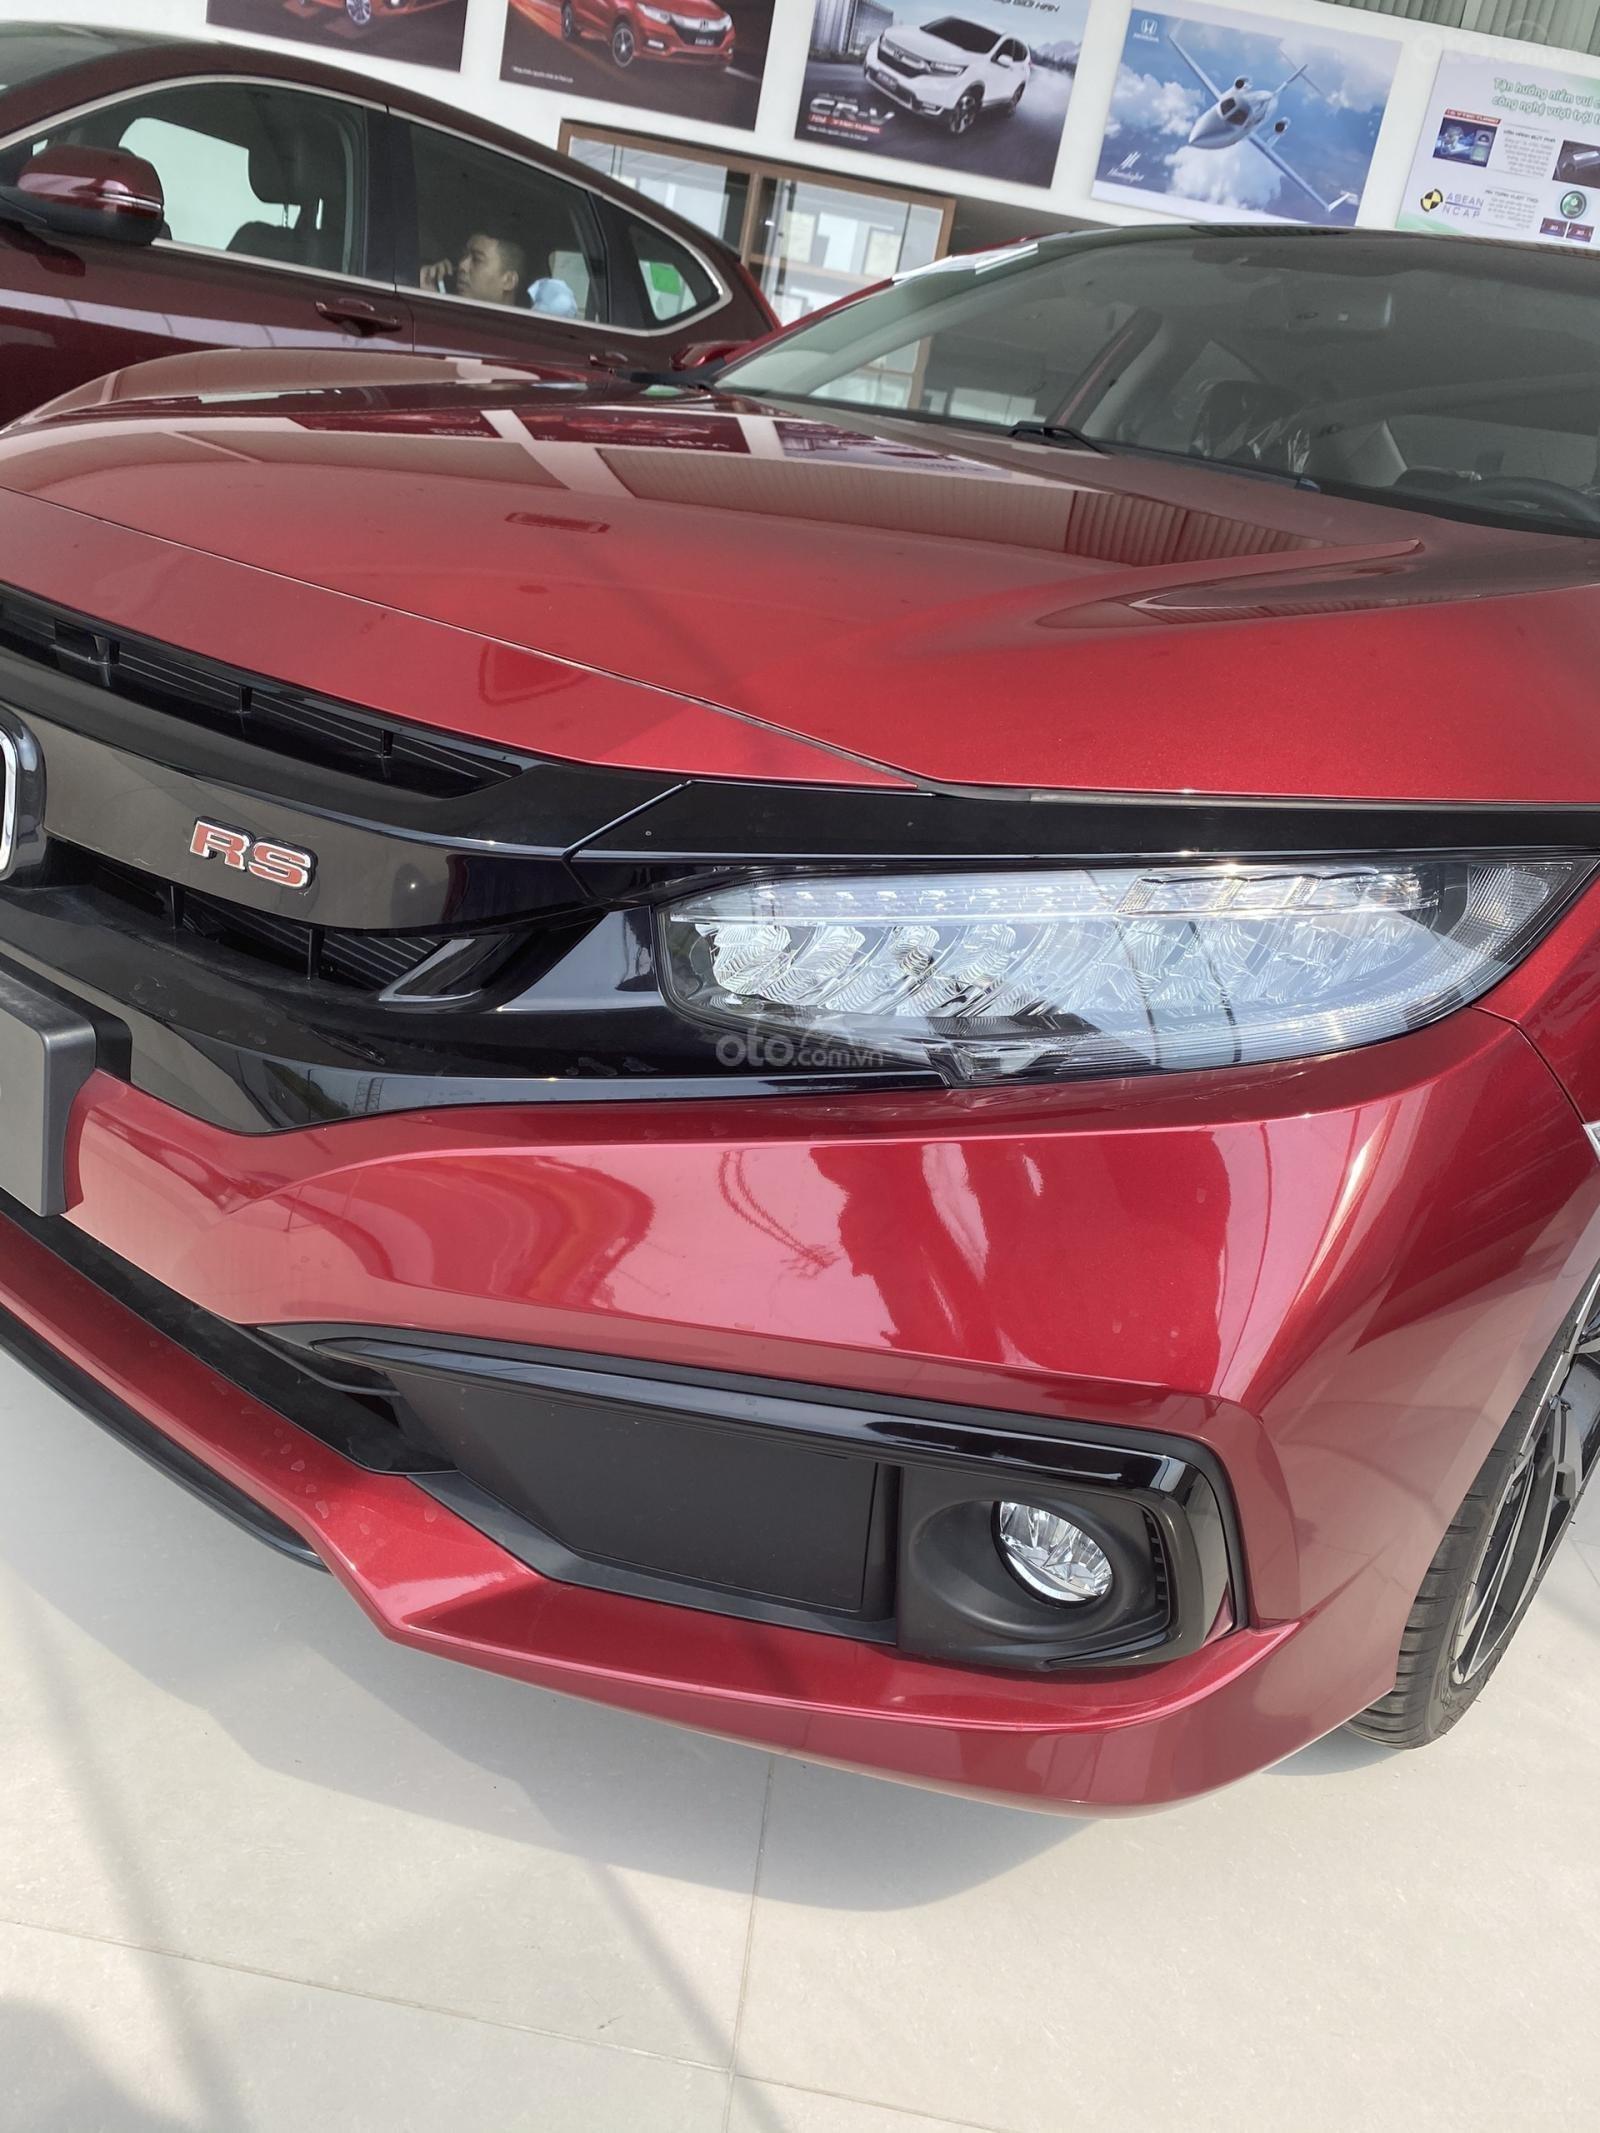 170 triệu nhận xe ngay, vay NH 90%, khuyến mãi tốt nhất Sài Gòn, miễn phí bảo dưỡng và bảo hành xe (6)